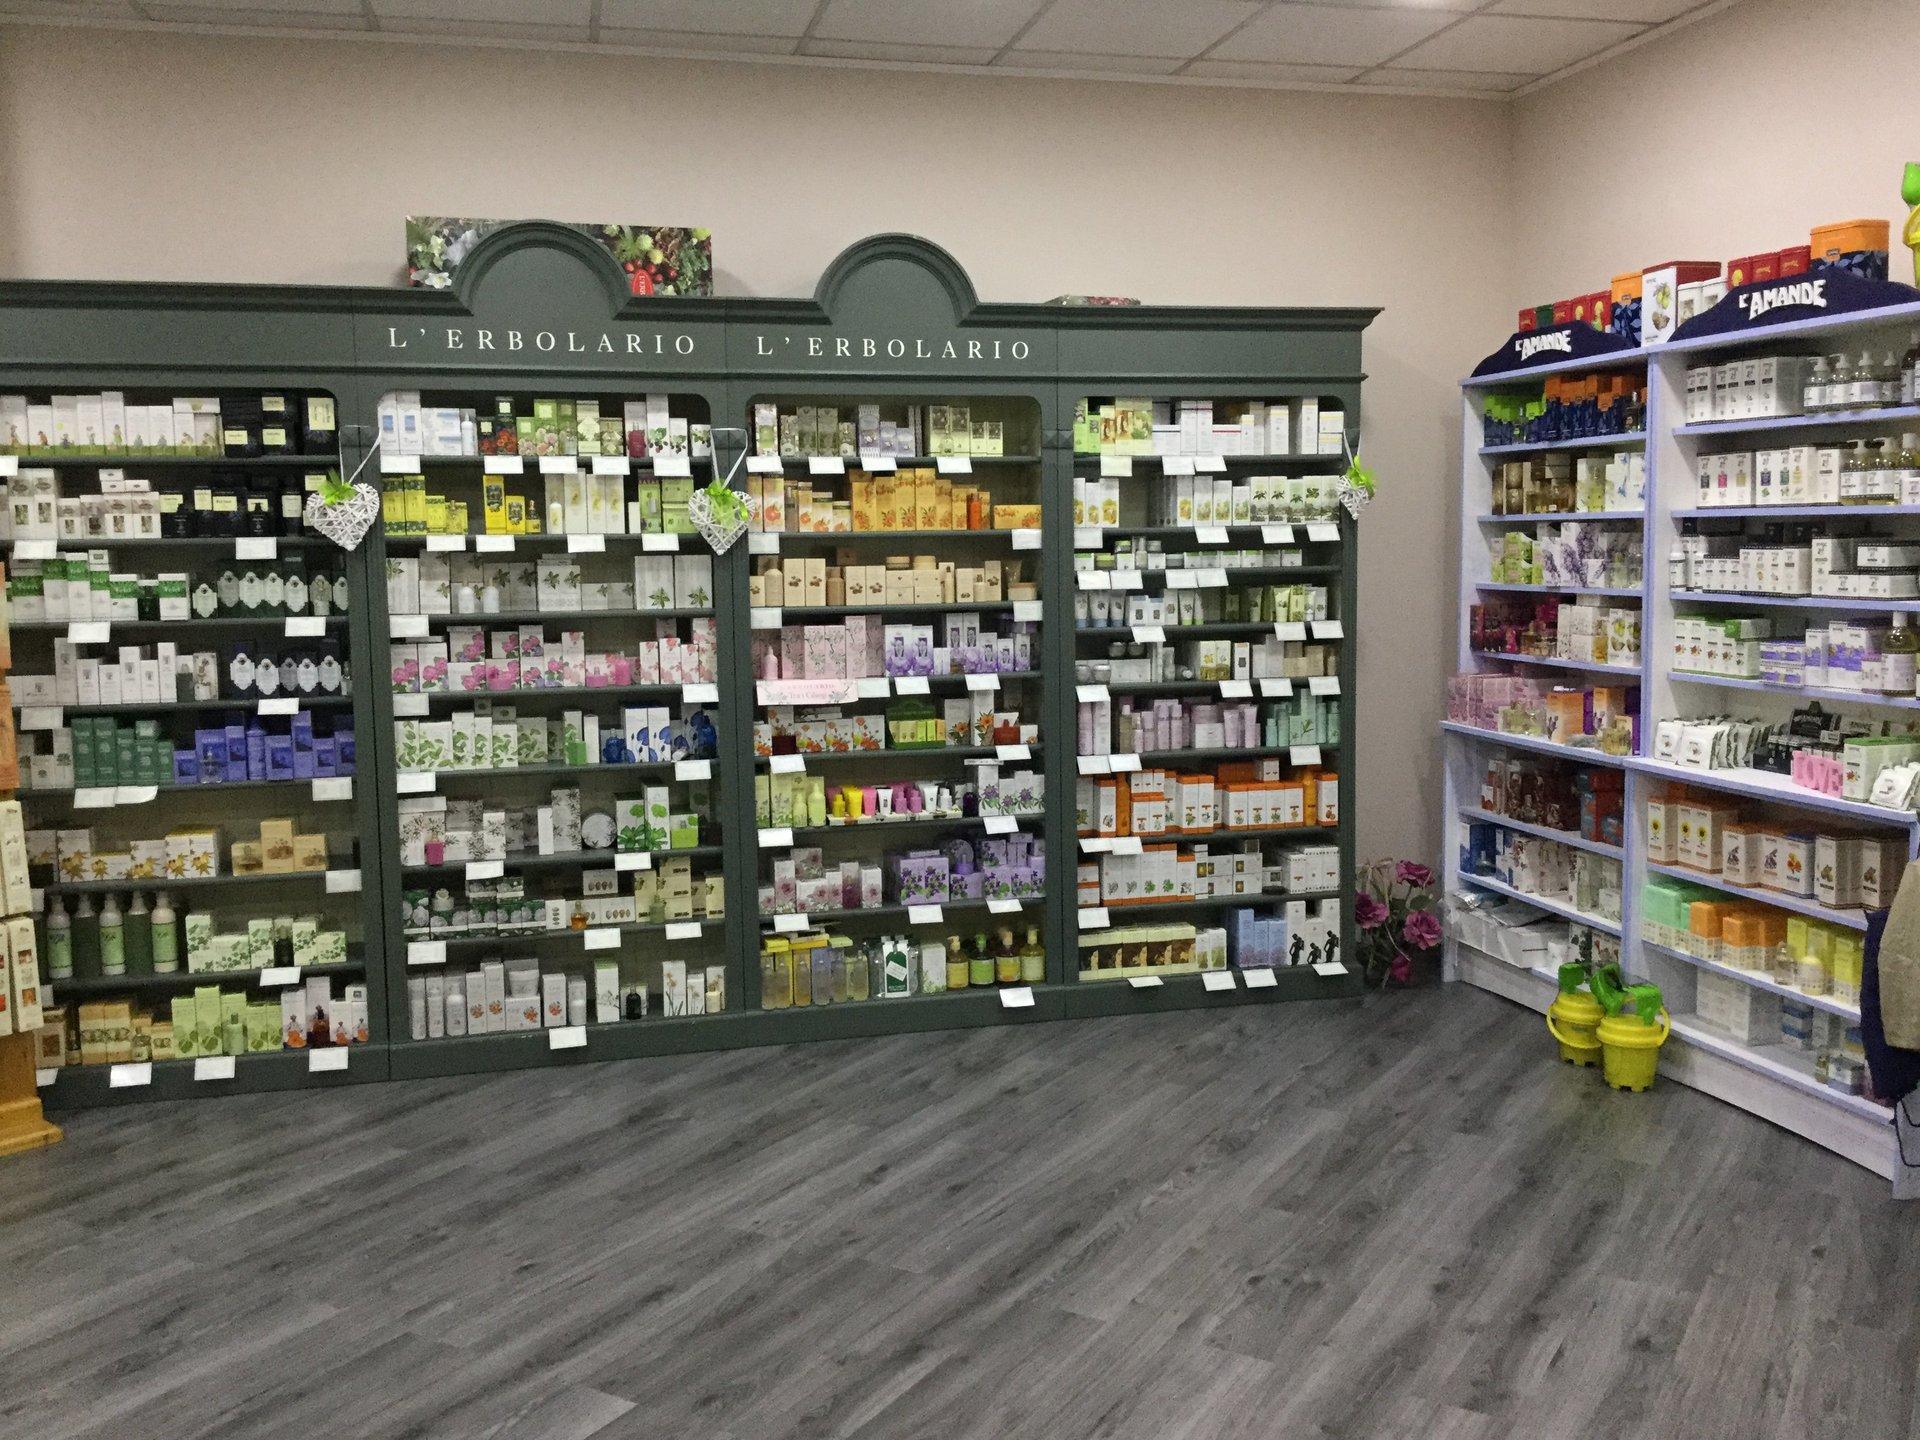 prodotti fitoterapici in esposizione